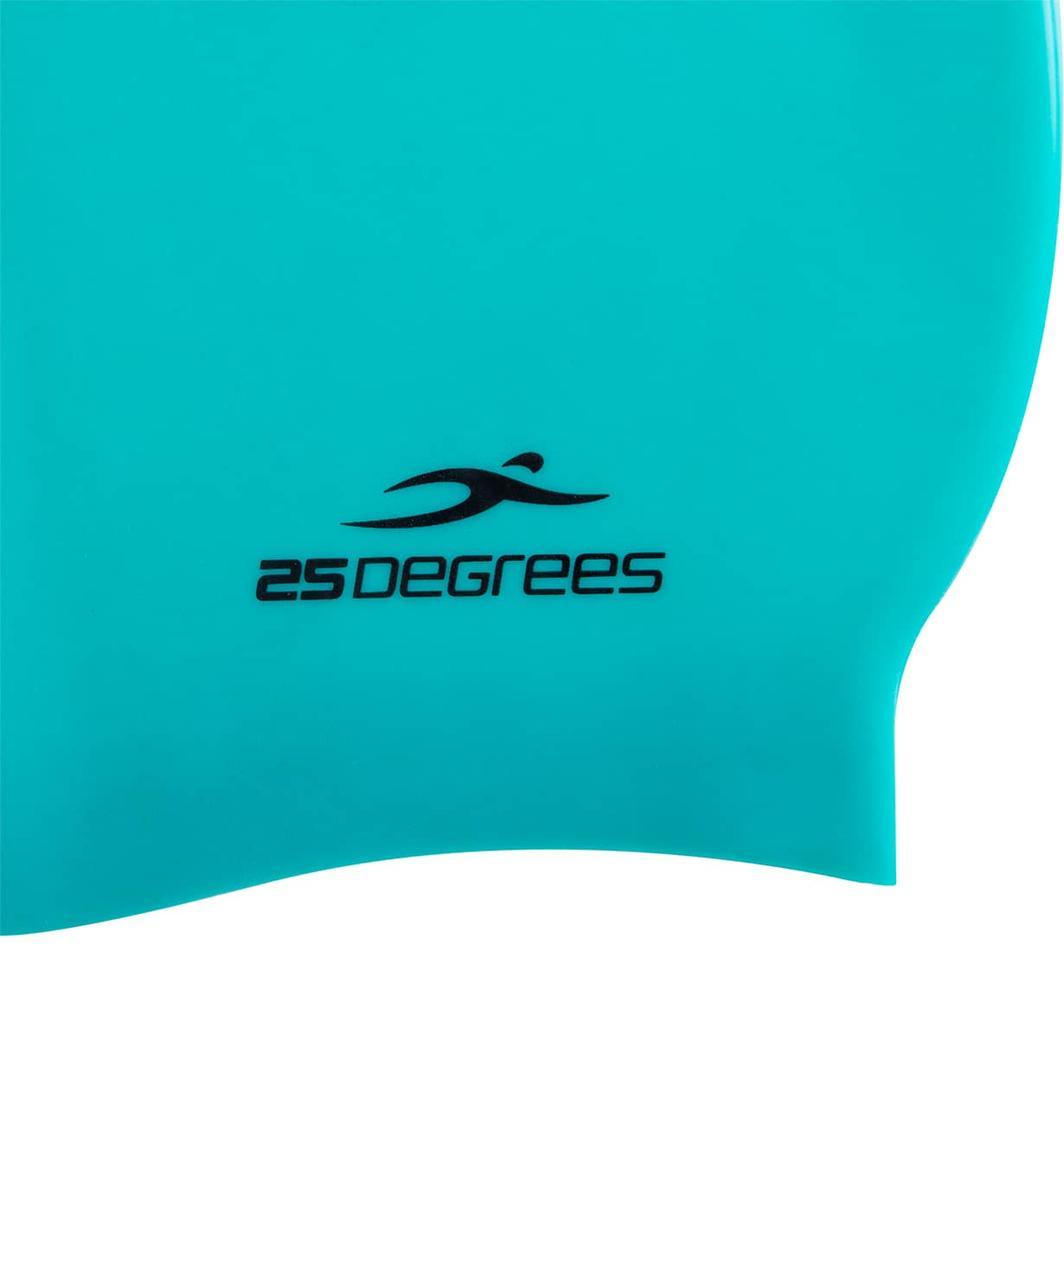 Шапочка для плавания Nuance Green, силикон 25Degrees